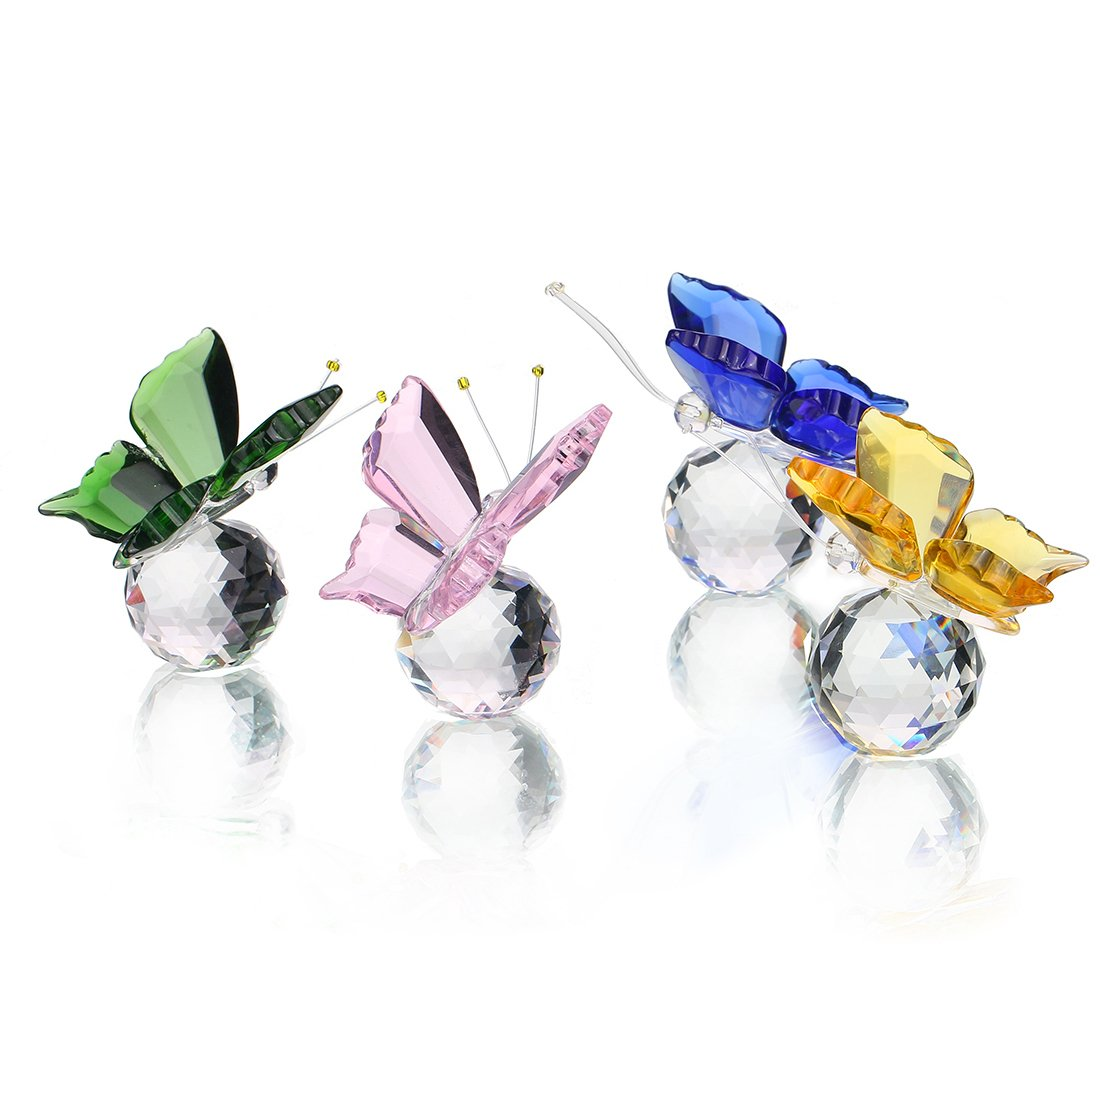 H&D, soprammobile di cristallo a forma di farfalla che vola, con sfera di cristallo alla base, da collezione, ornamento di vetro, statua, confezione di 4 animali collezionabili H&D Crystal Manufacture CO. LTD